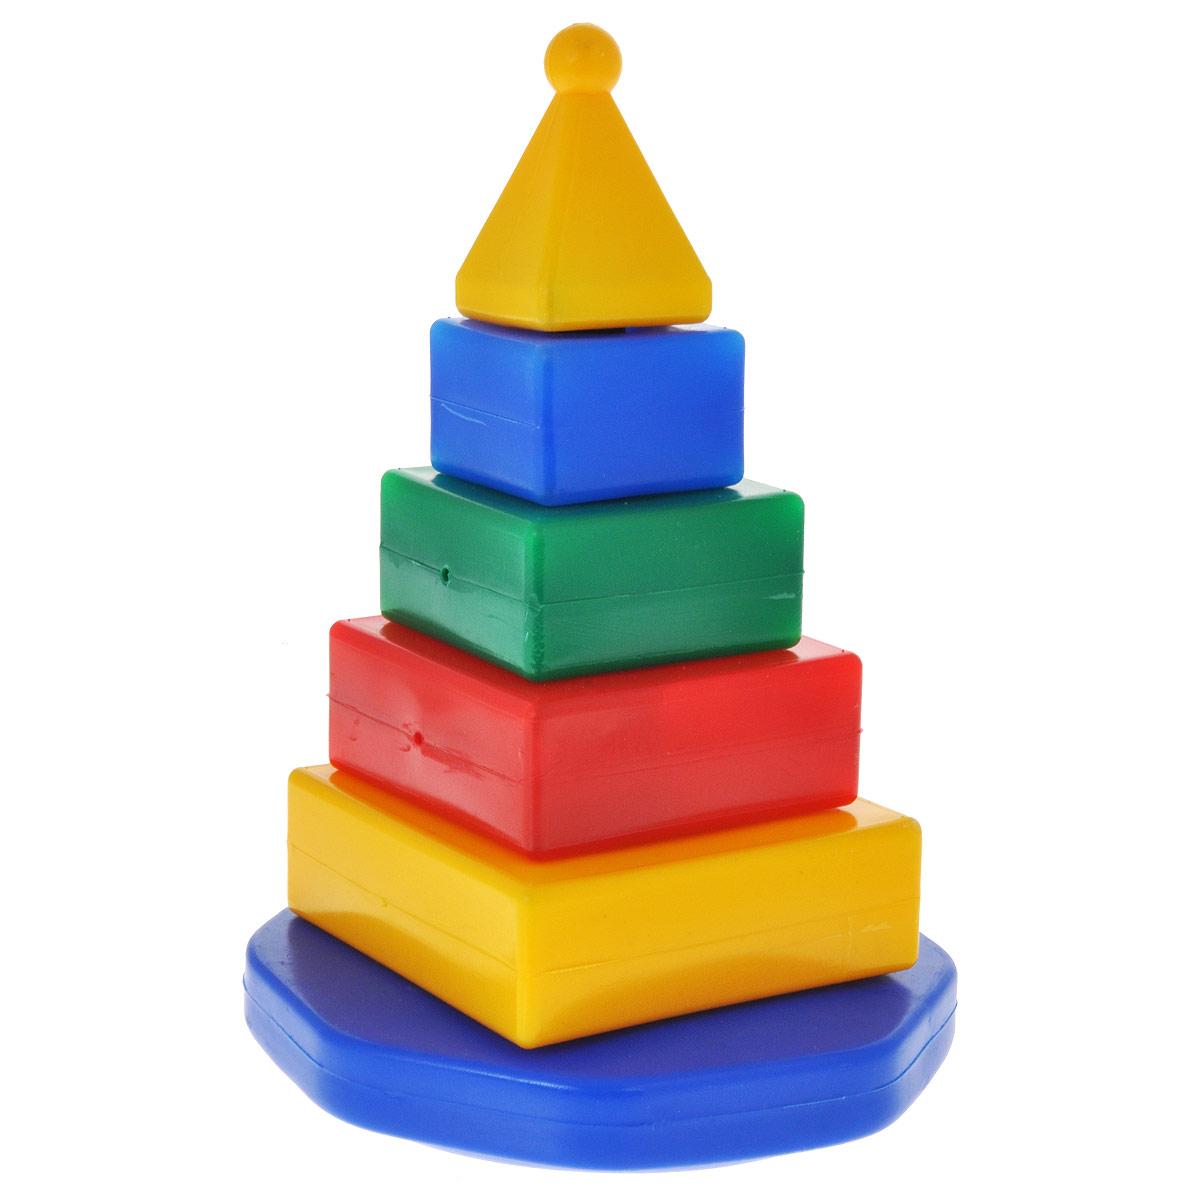 Купить Пирамидка Квадро , Строим вместе счастливое детство, Развивающие игрушки